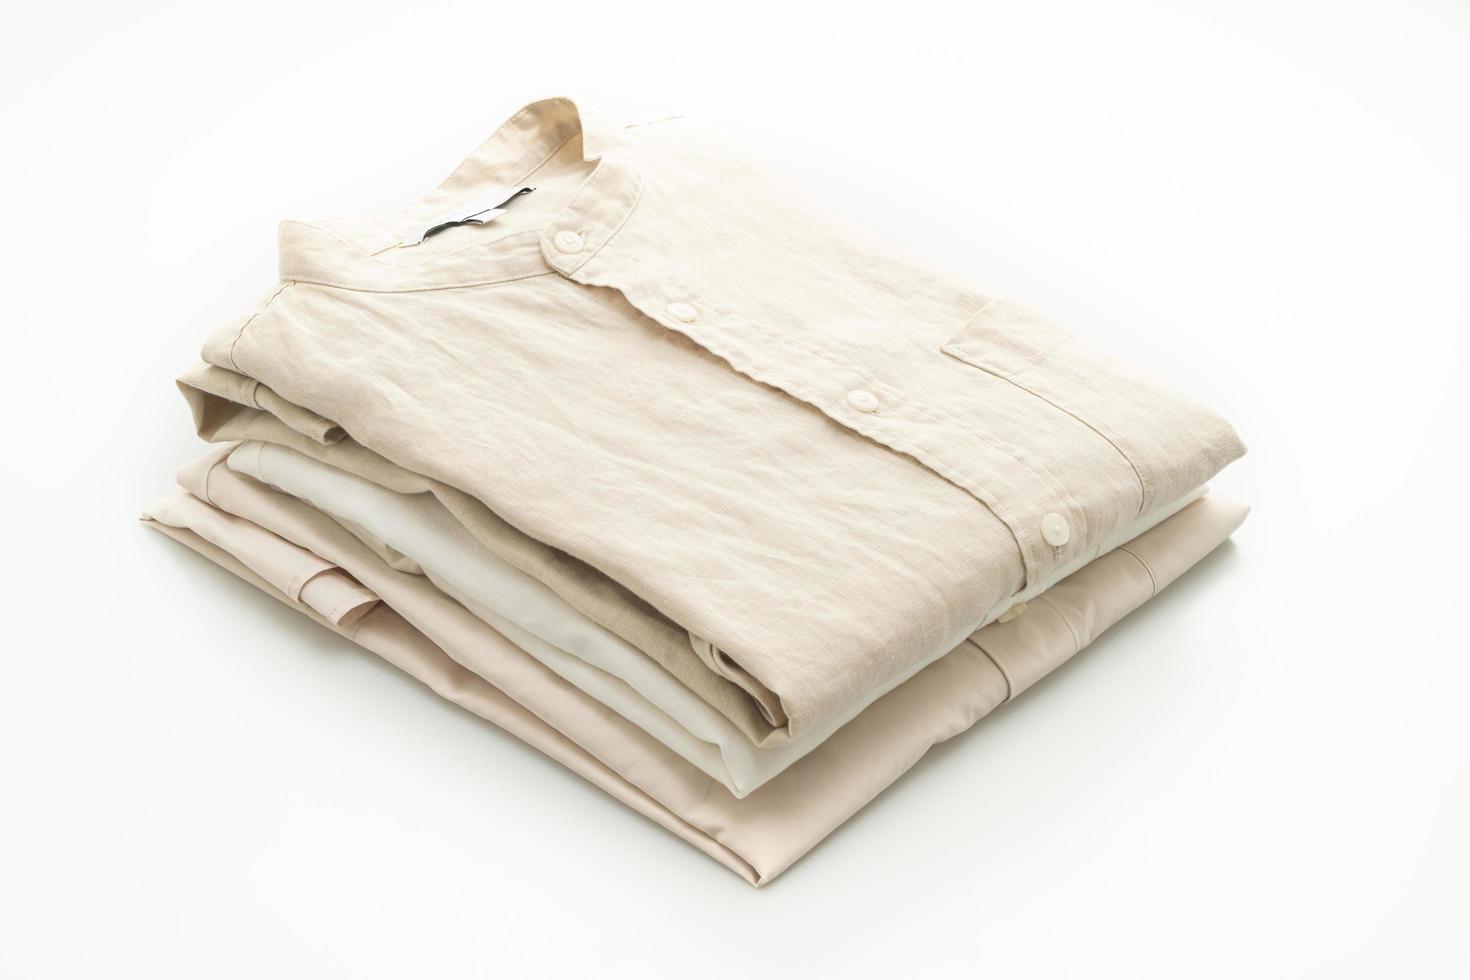 Camisas beige dobladas aislado sobre fondo blanco. foto